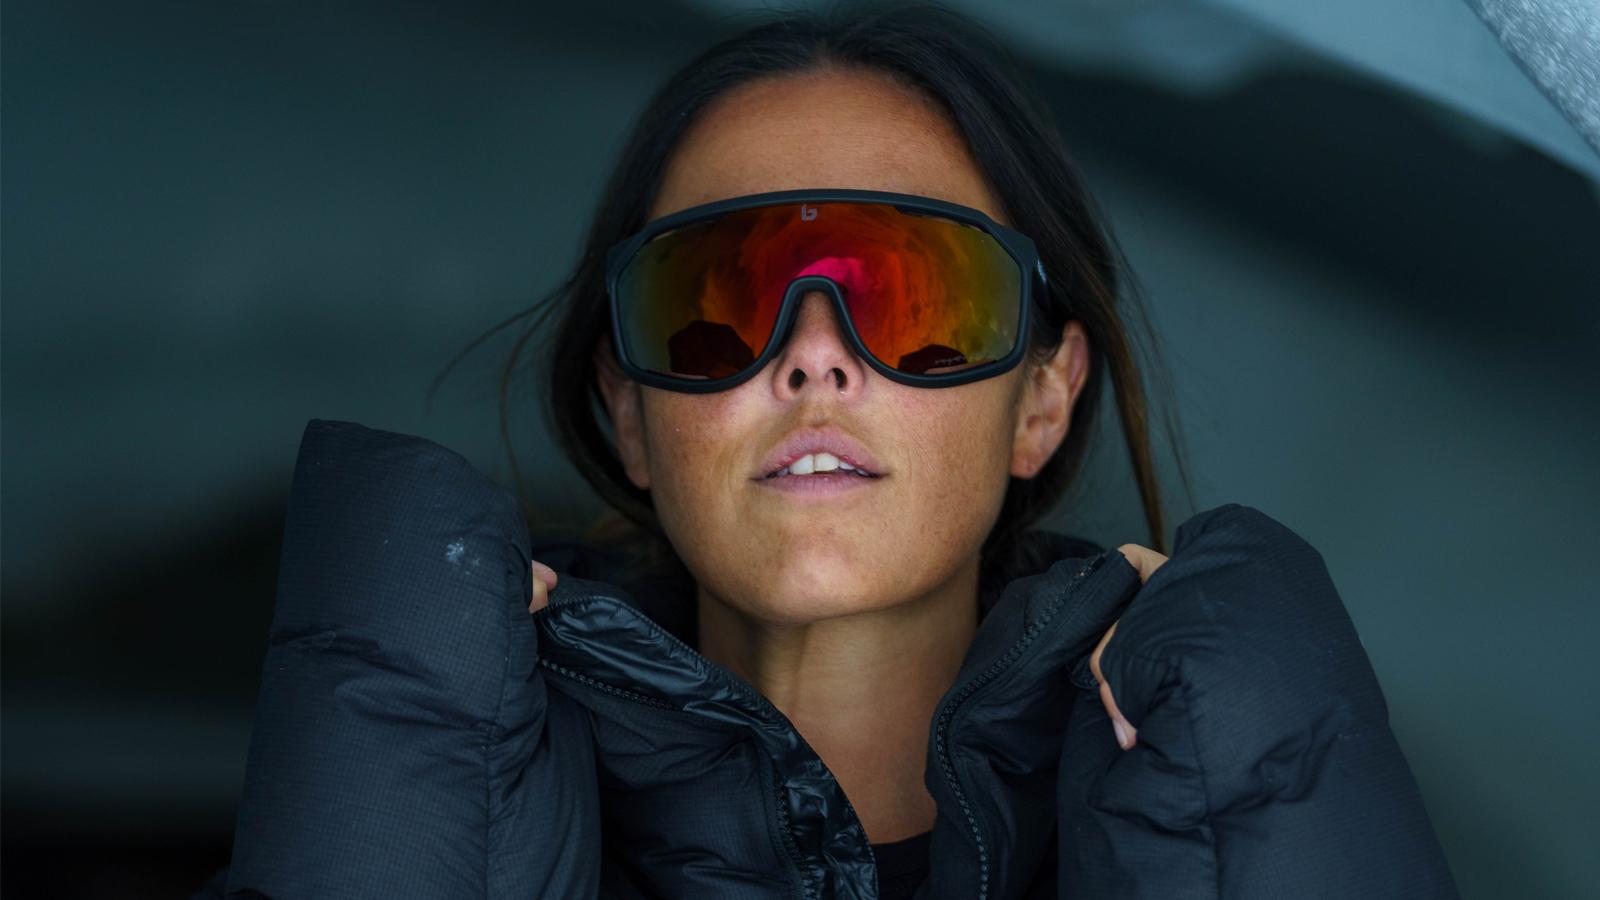 BOLLÉ 2021 Sunglasses Preview